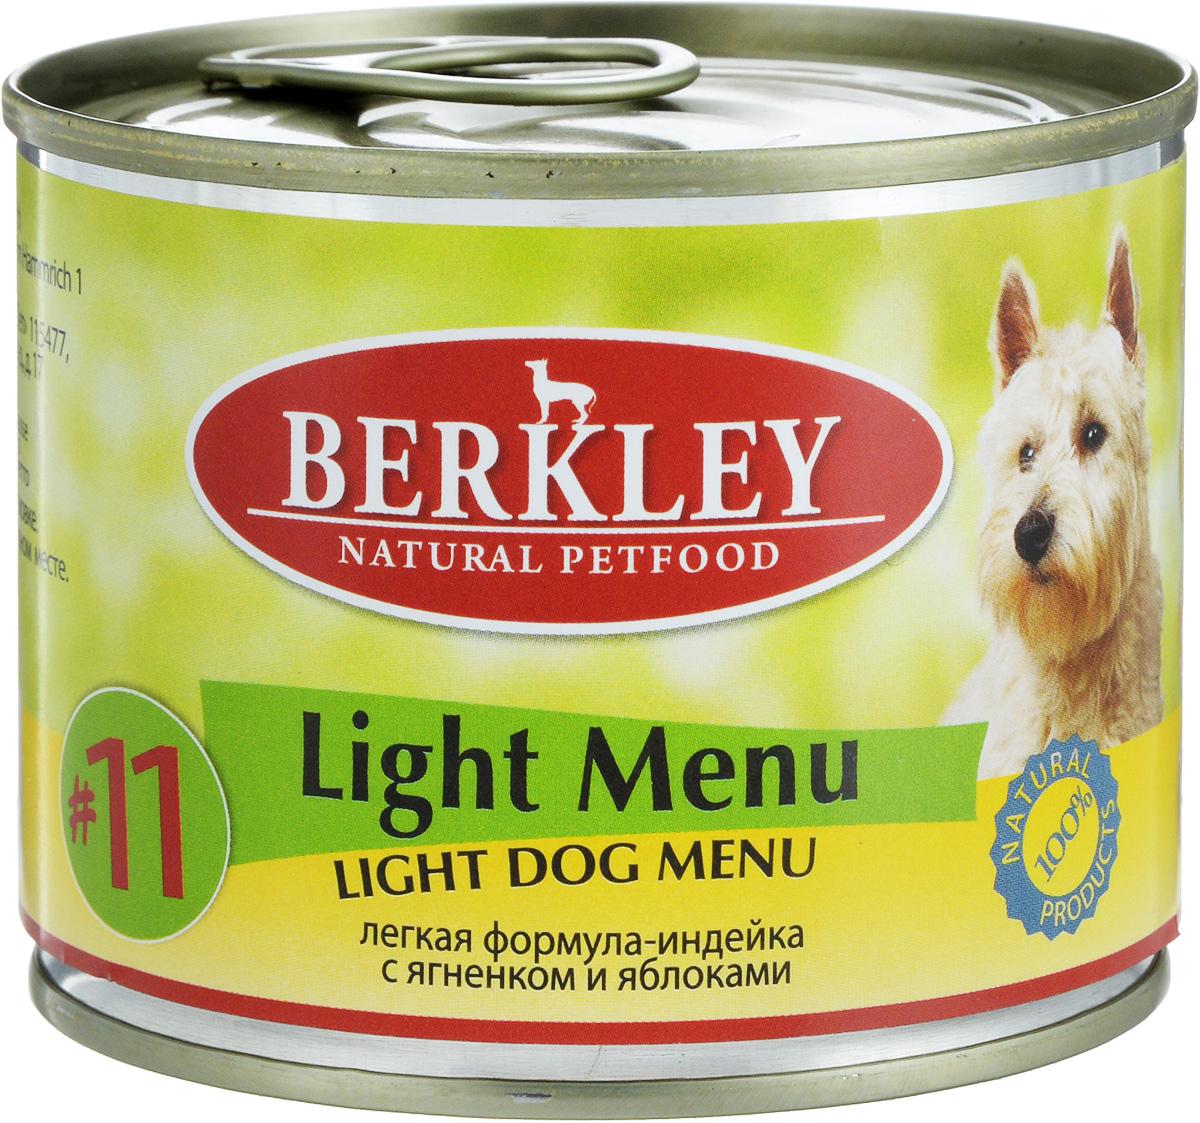 Консервы для собак Berkley Light Menu, индейка с ягненком и яблоками, 200 г0120710Консервы Berkley Light Menu - полноценное консервированное питание для собак с избыточным весом. Не содержат сои, консервантов, искусственных красителей и ароматизаторов. Корм полностью удовлетворяет ежедневные энергетические потребности животного и обеспечивает оптимальное функционирование пищеварительной системы.Товар сертифицирован.